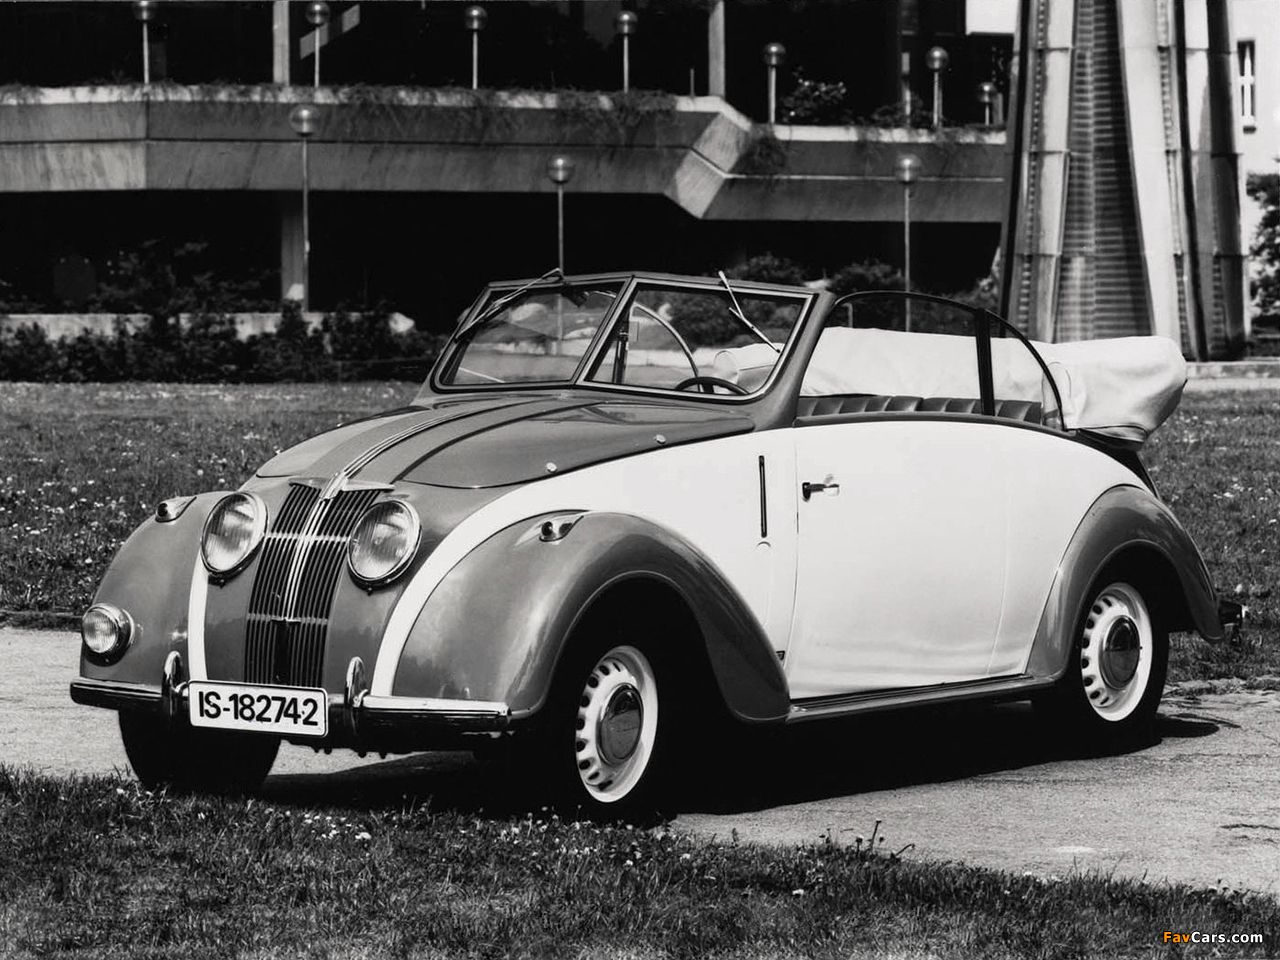 adler 2 5 liter cabriolet 1937 1939 adler oldtimer classic und oldtimer. Black Bedroom Furniture Sets. Home Design Ideas